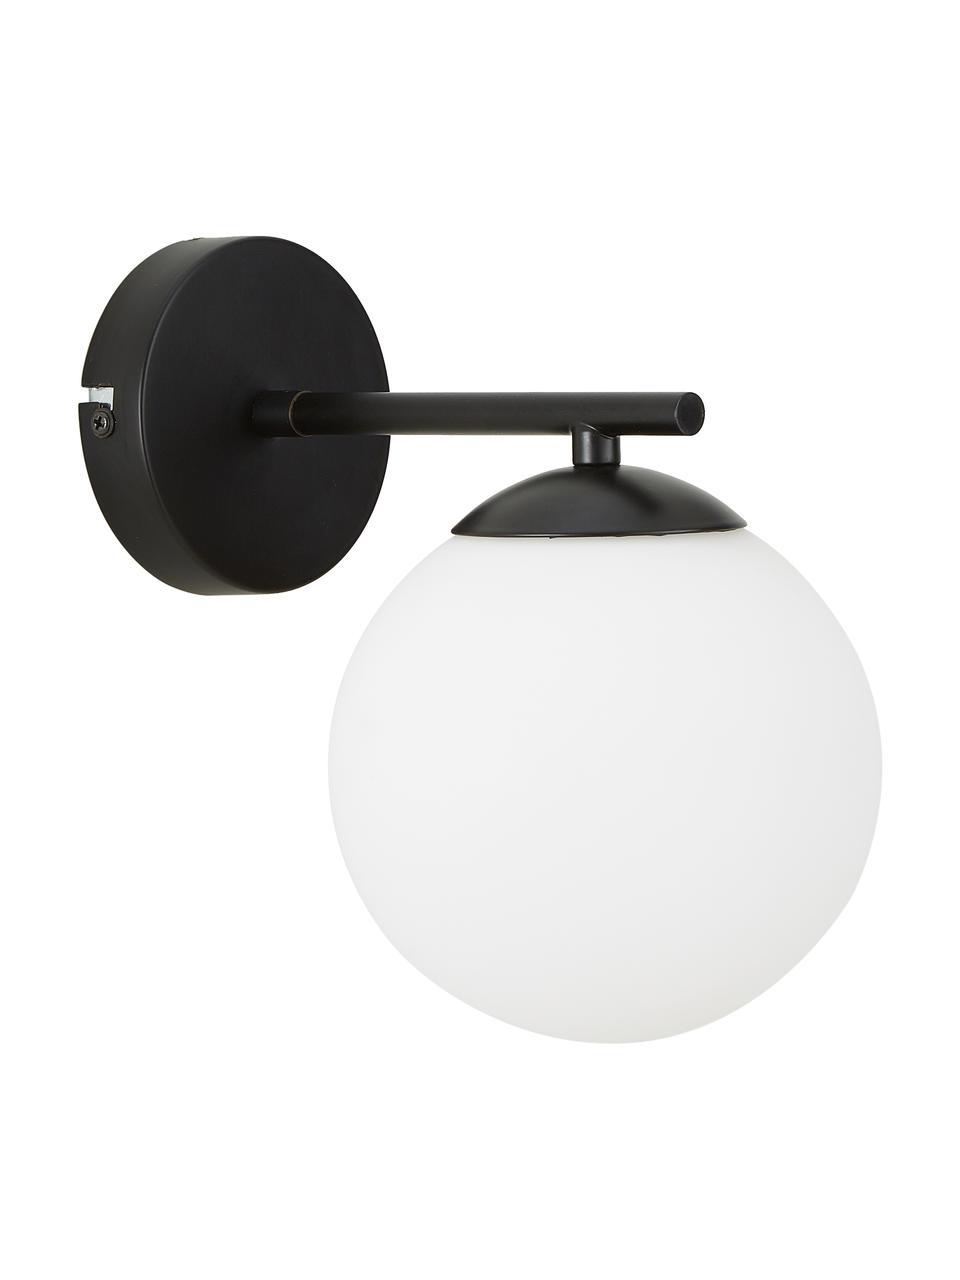 Wandleuchte Liv aus Opalglas, Lampenschirm: Glas, Gestell: Metall, pulverbeschichtet, Weiß, Schwarz, 15 x 22 cm